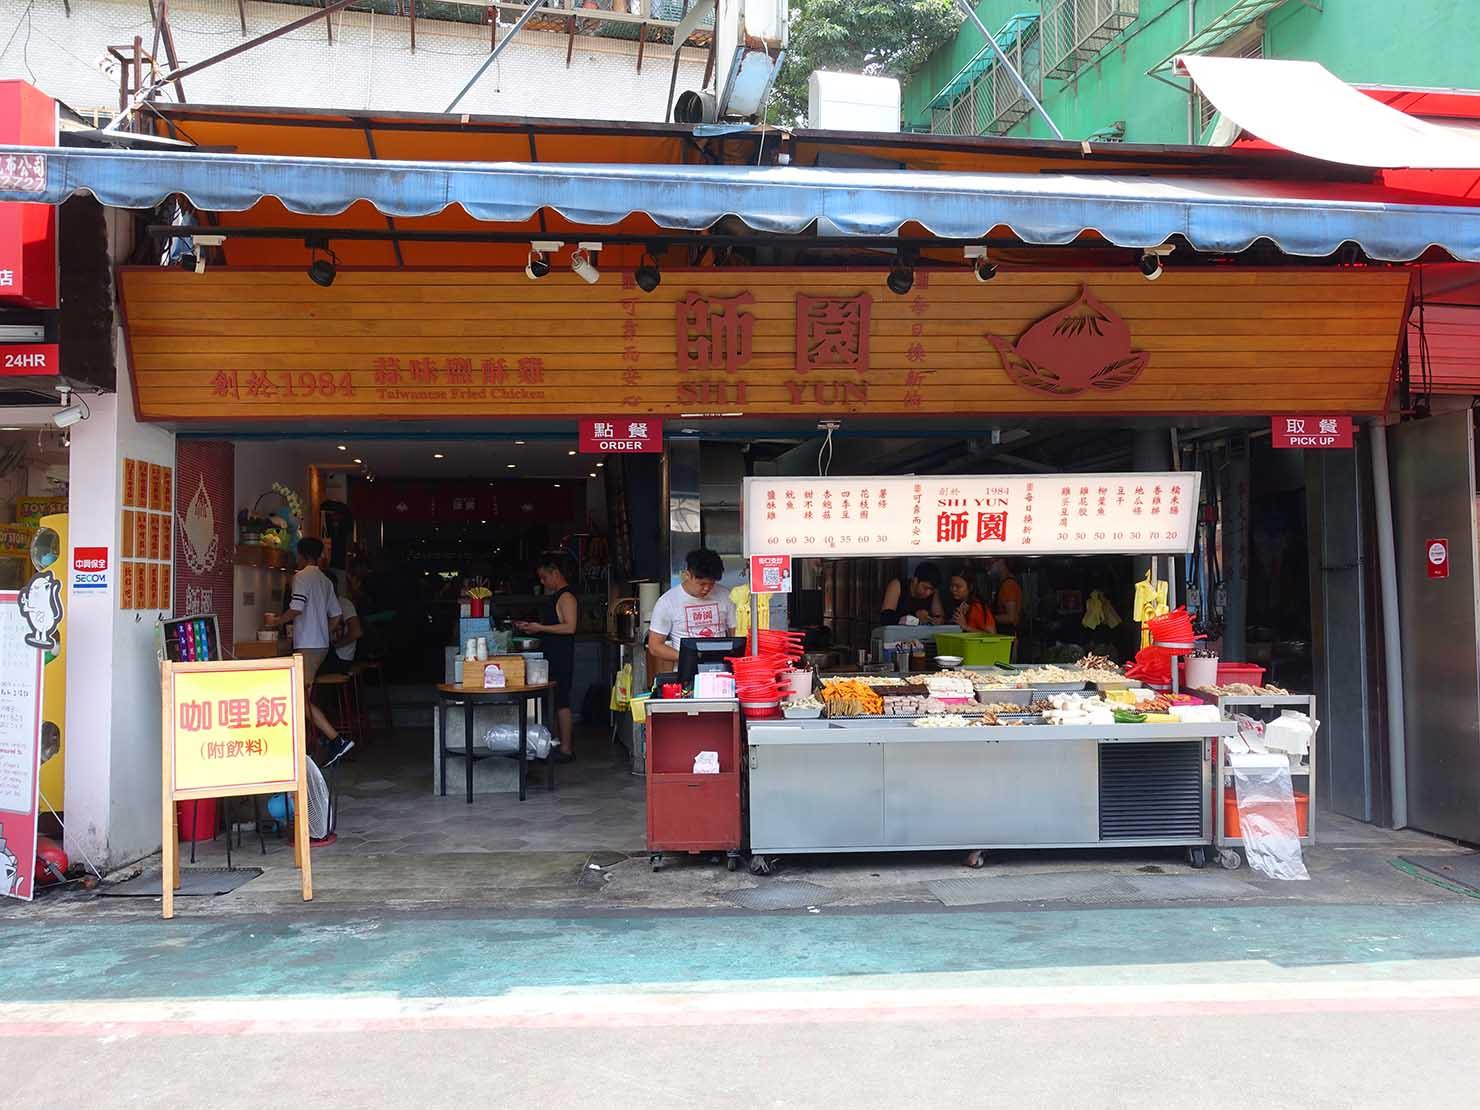 台北・師大夜市のおすすめ台湾グルメ店「師園鹹酥雞」の外観